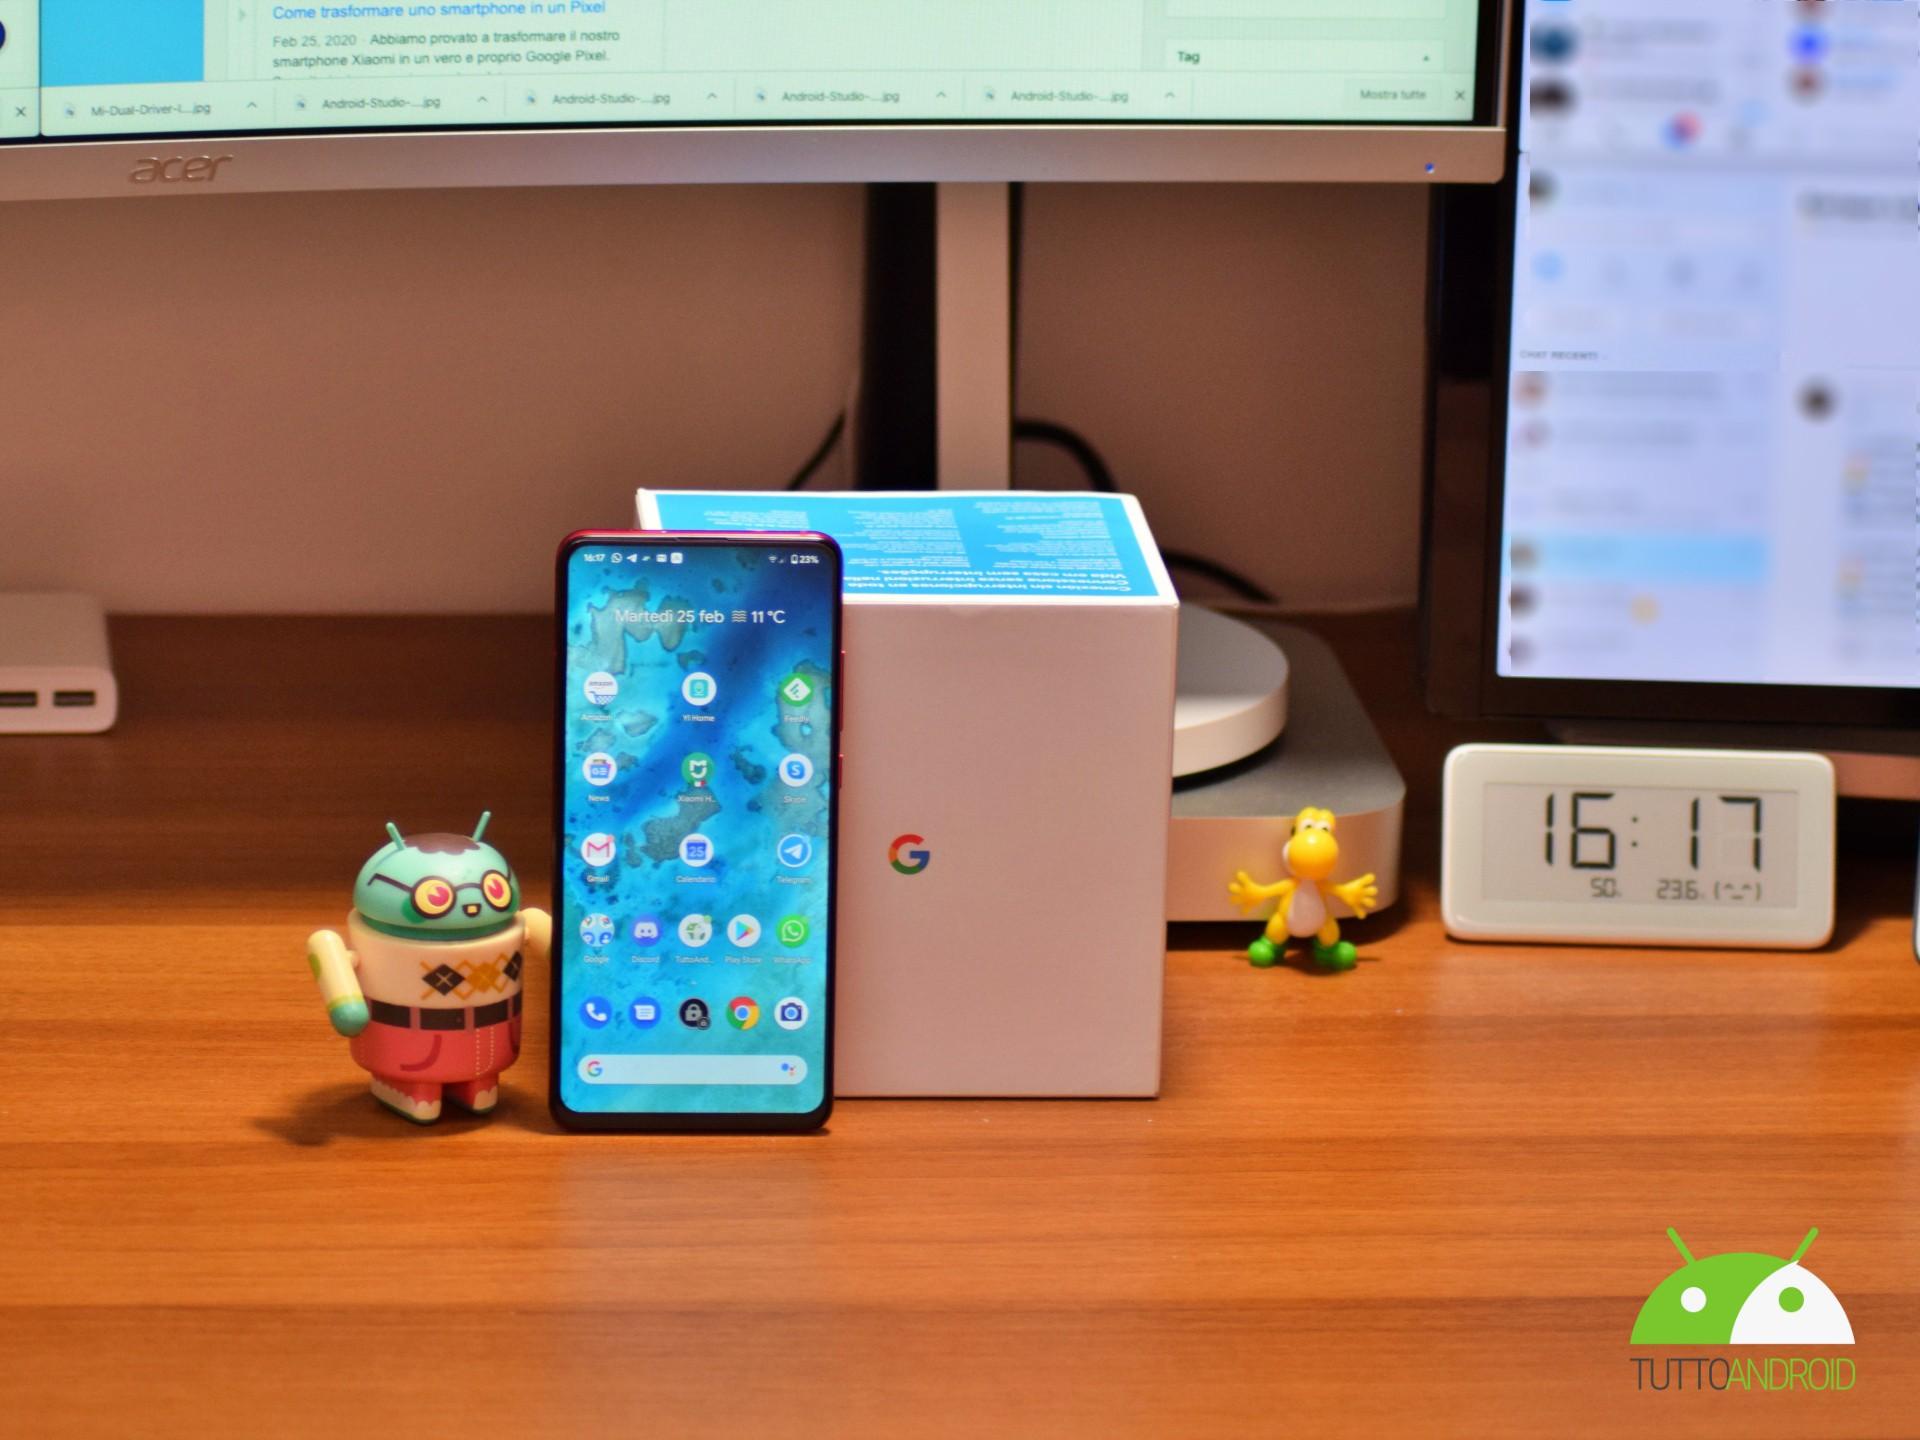 Trasformare uno smartphone in un Pixel: si può e Pixel Exper